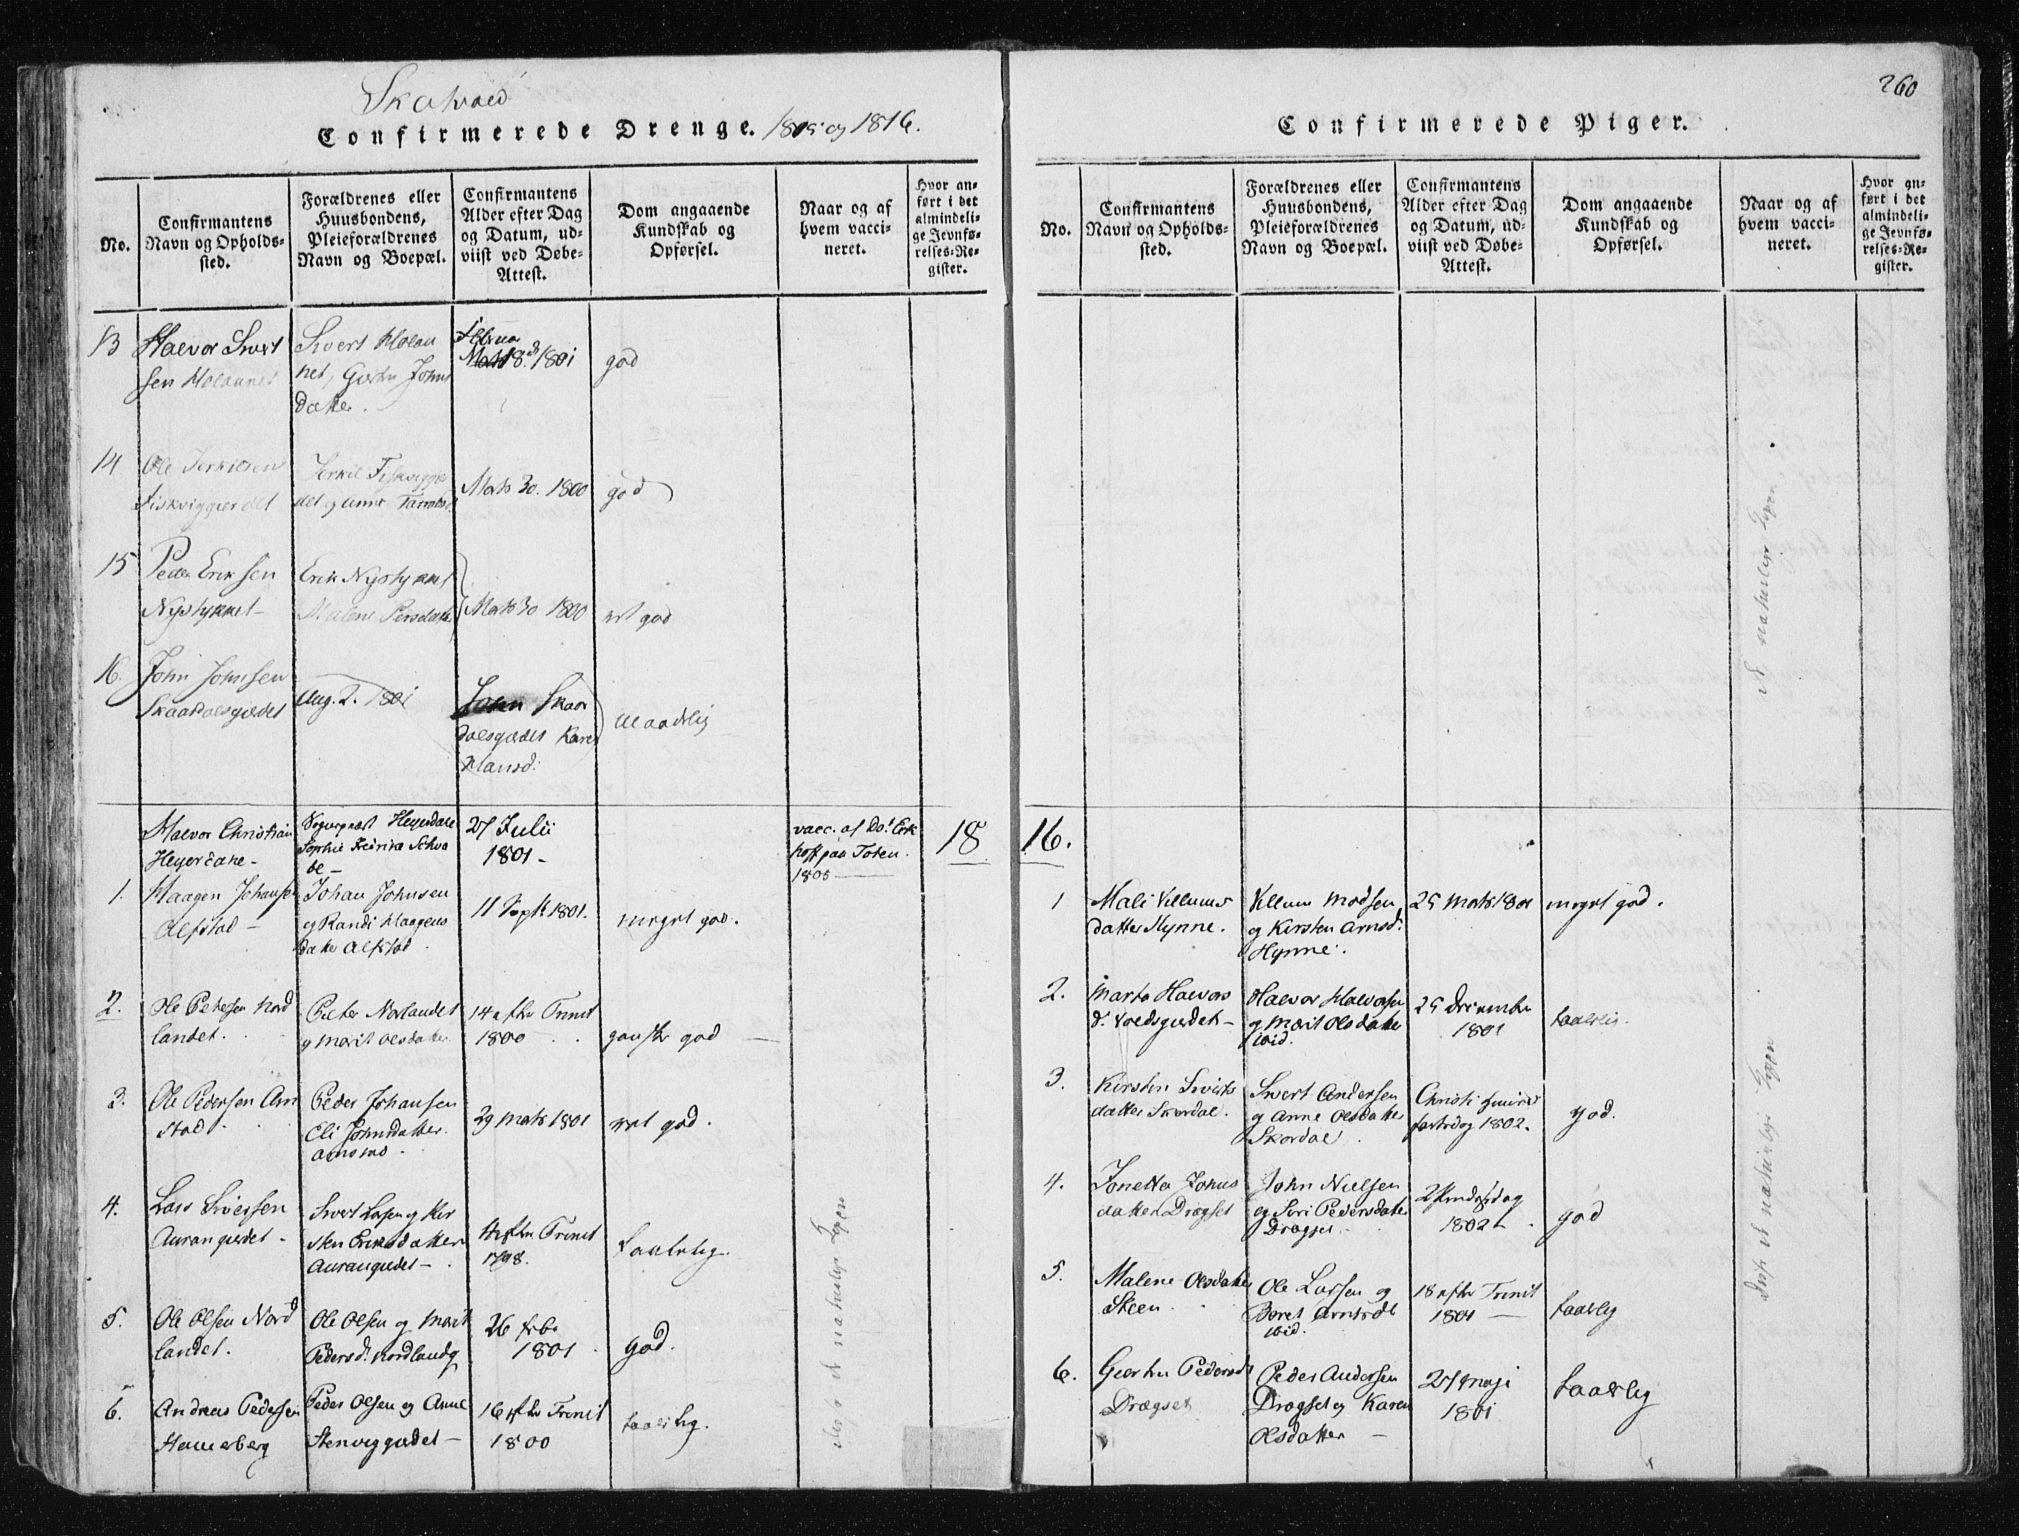 SAT, Ministerialprotokoller, klokkerbøker og fødselsregistre - Nord-Trøndelag, 709/L0061: Ministerialbok nr. 709A08 /2, 1815-1819, s. 260